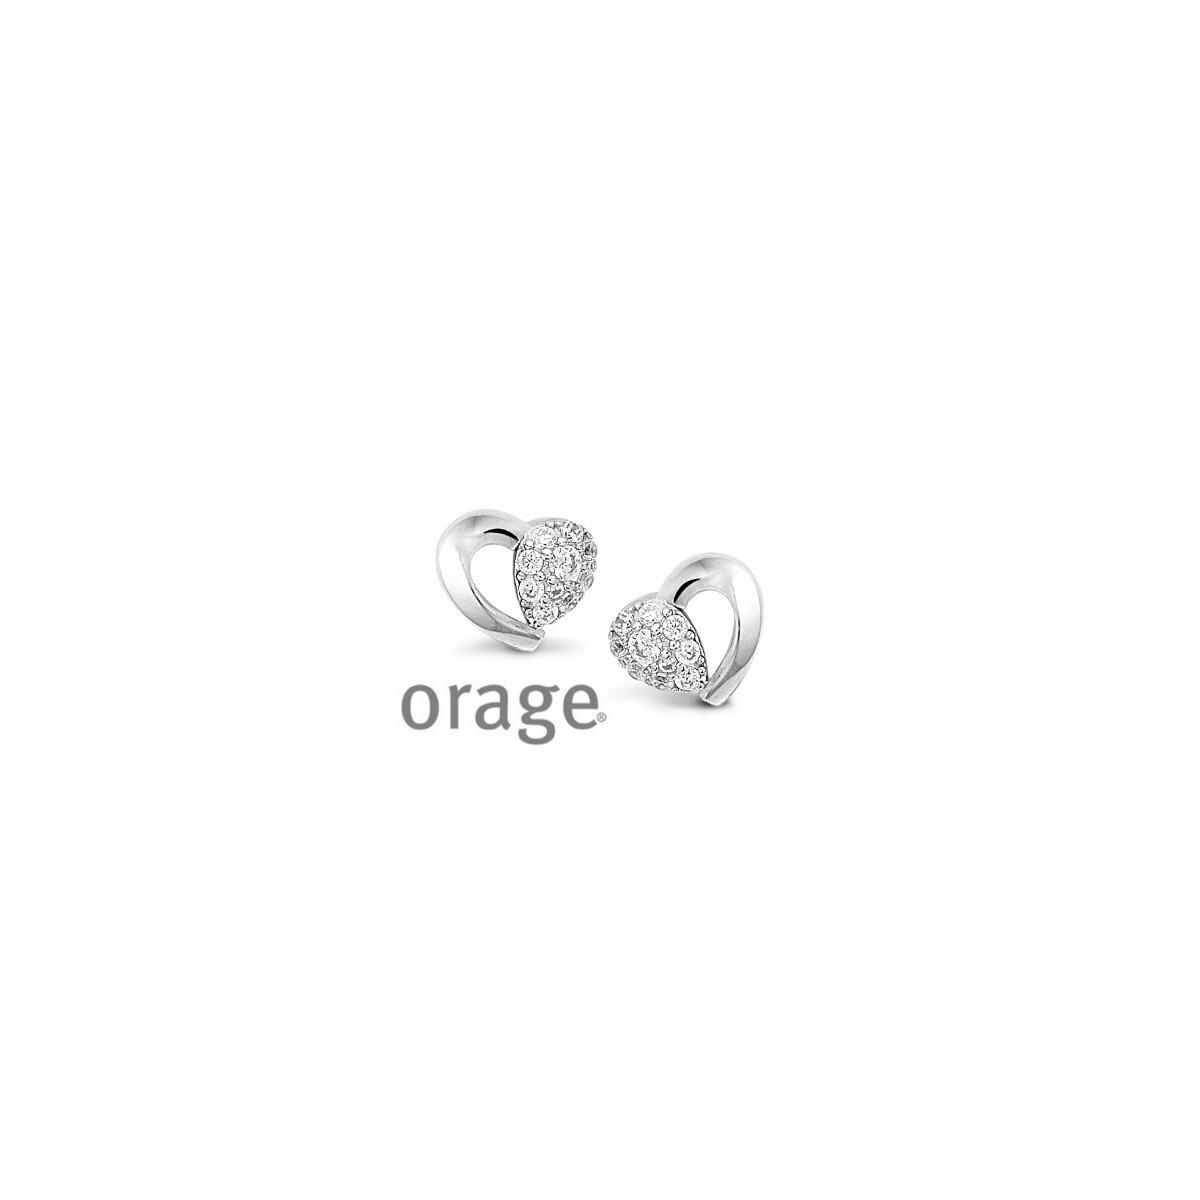 Boucles d'oreilles Orage V1419